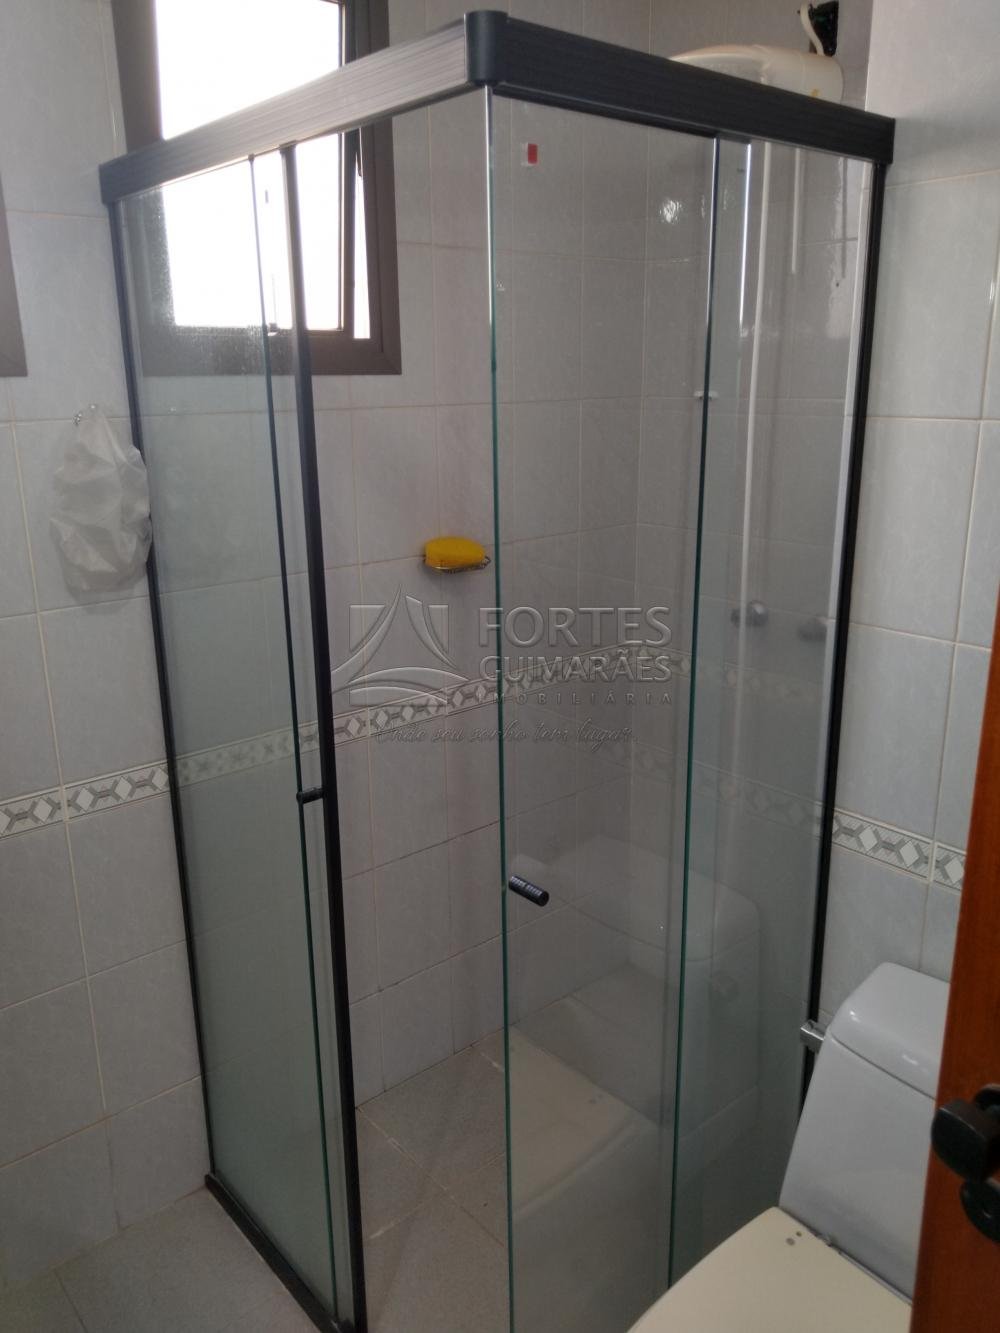 Alugar Apartamentos / Padrão em Ribeirão Preto apenas R$ 1.700,00 - Foto 38